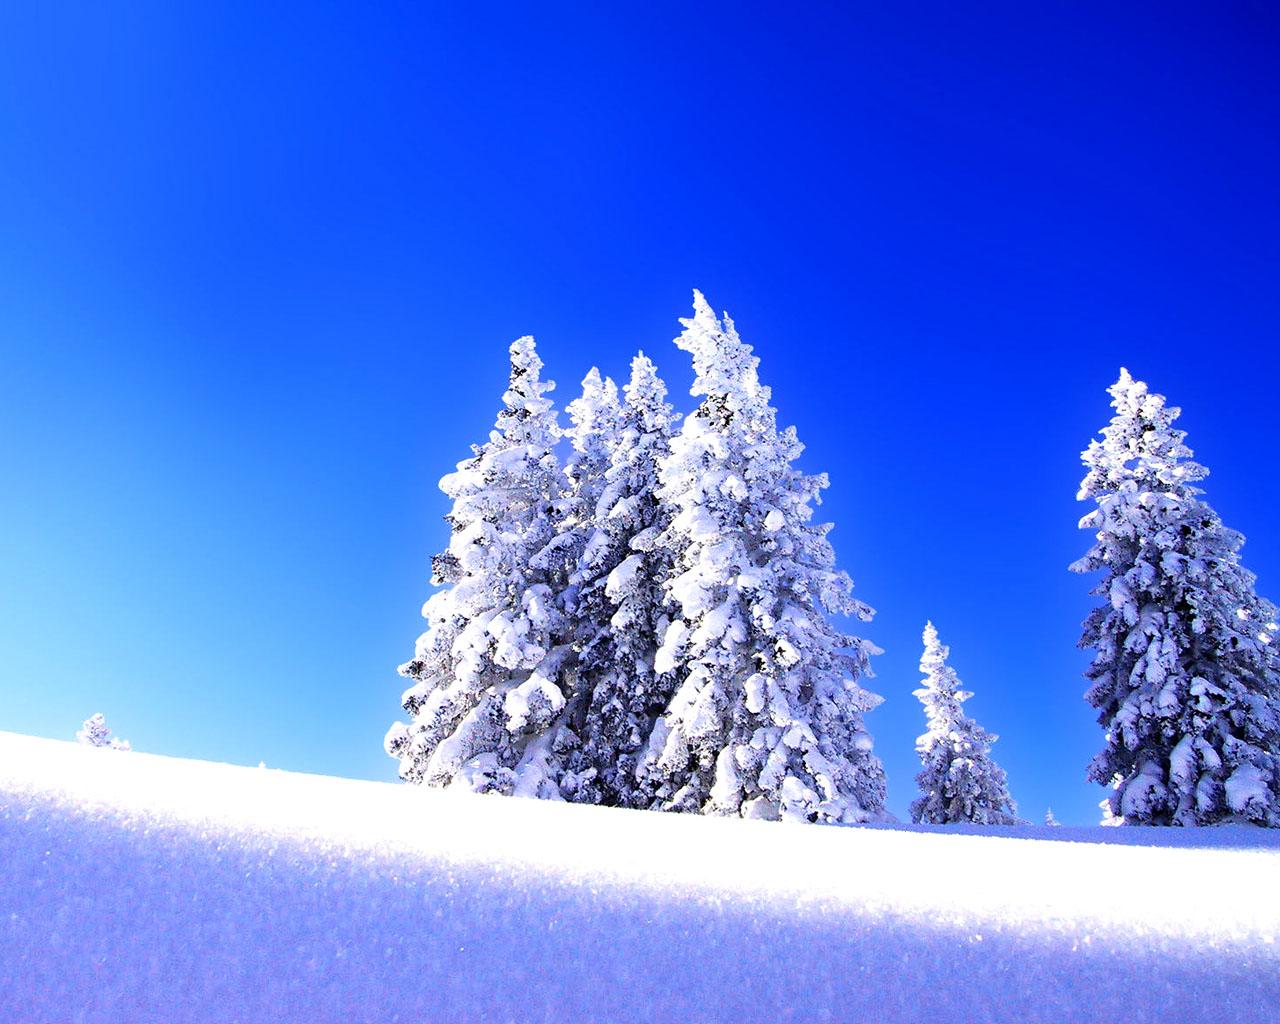 Tapeta na plochu v rozlišení 1280x1024: zimní krajina